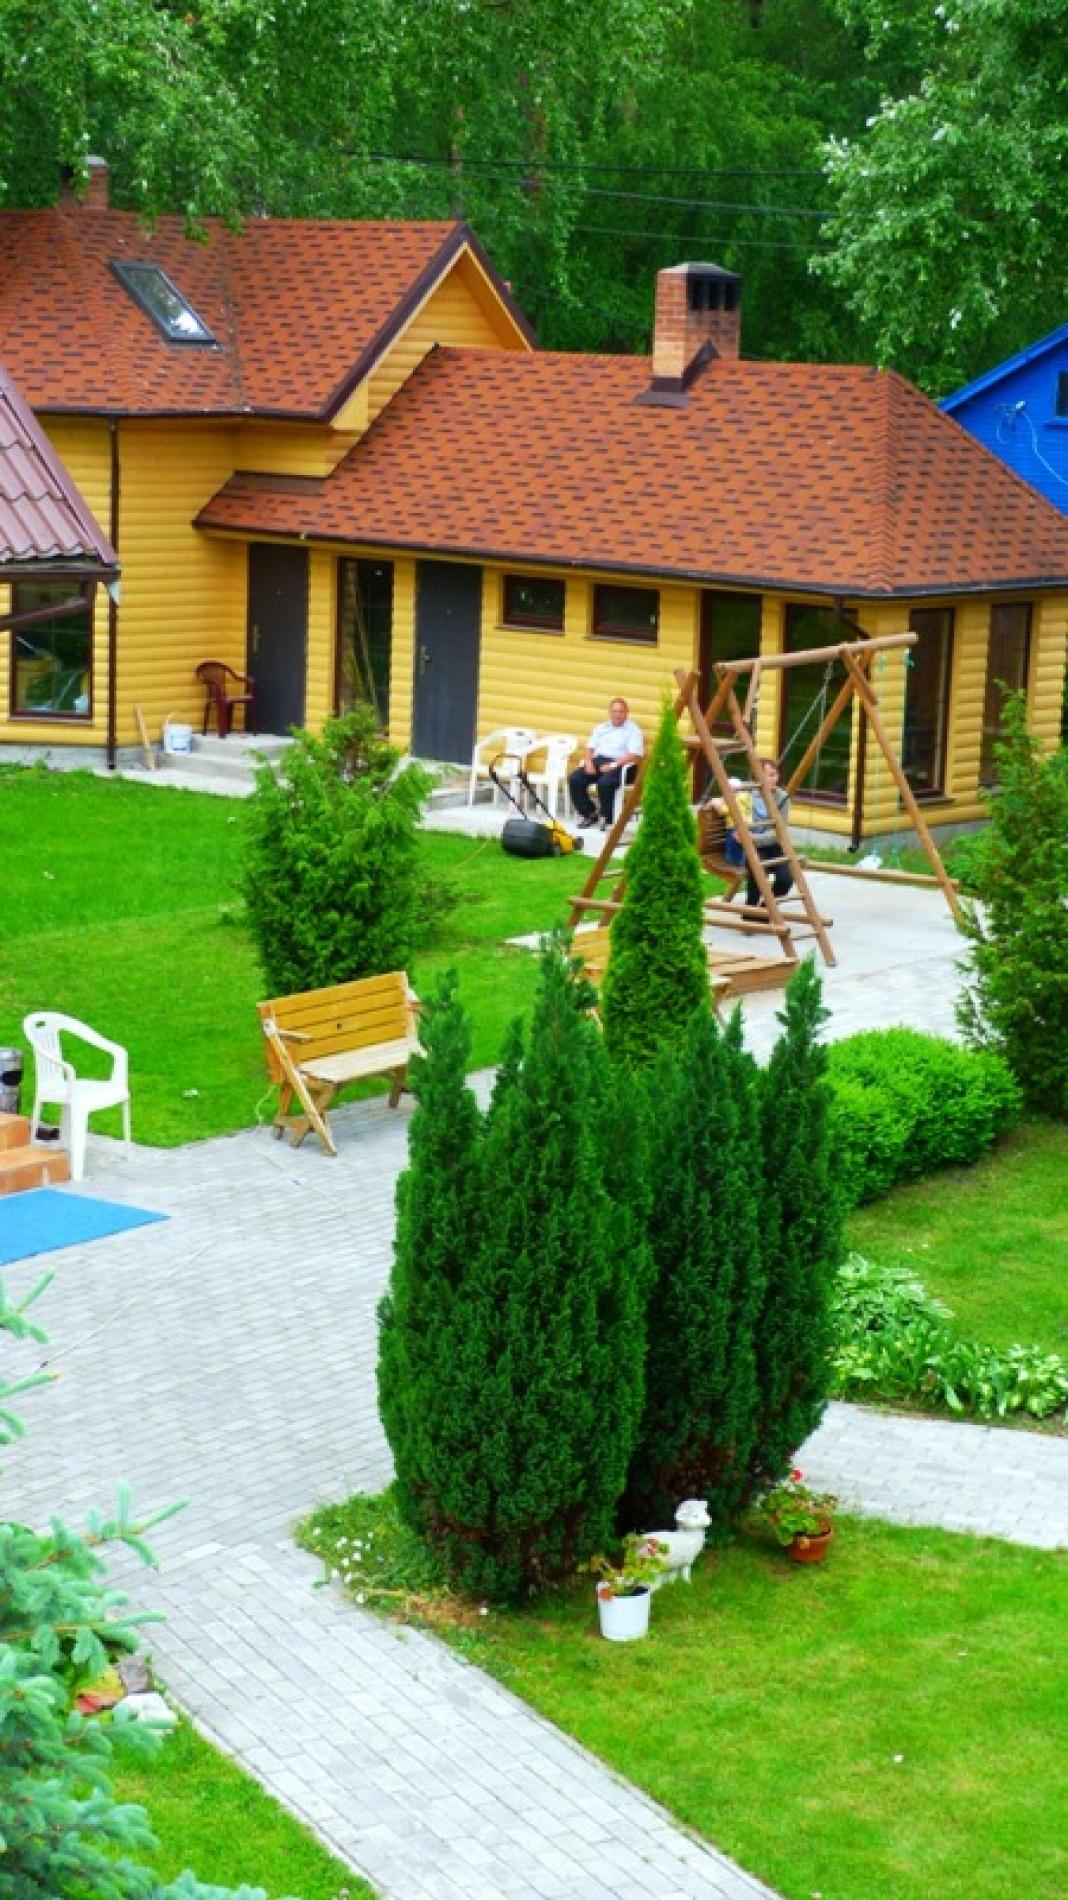 """Гостевой дом """"Понарт"""" Калининградская область, фото 2"""